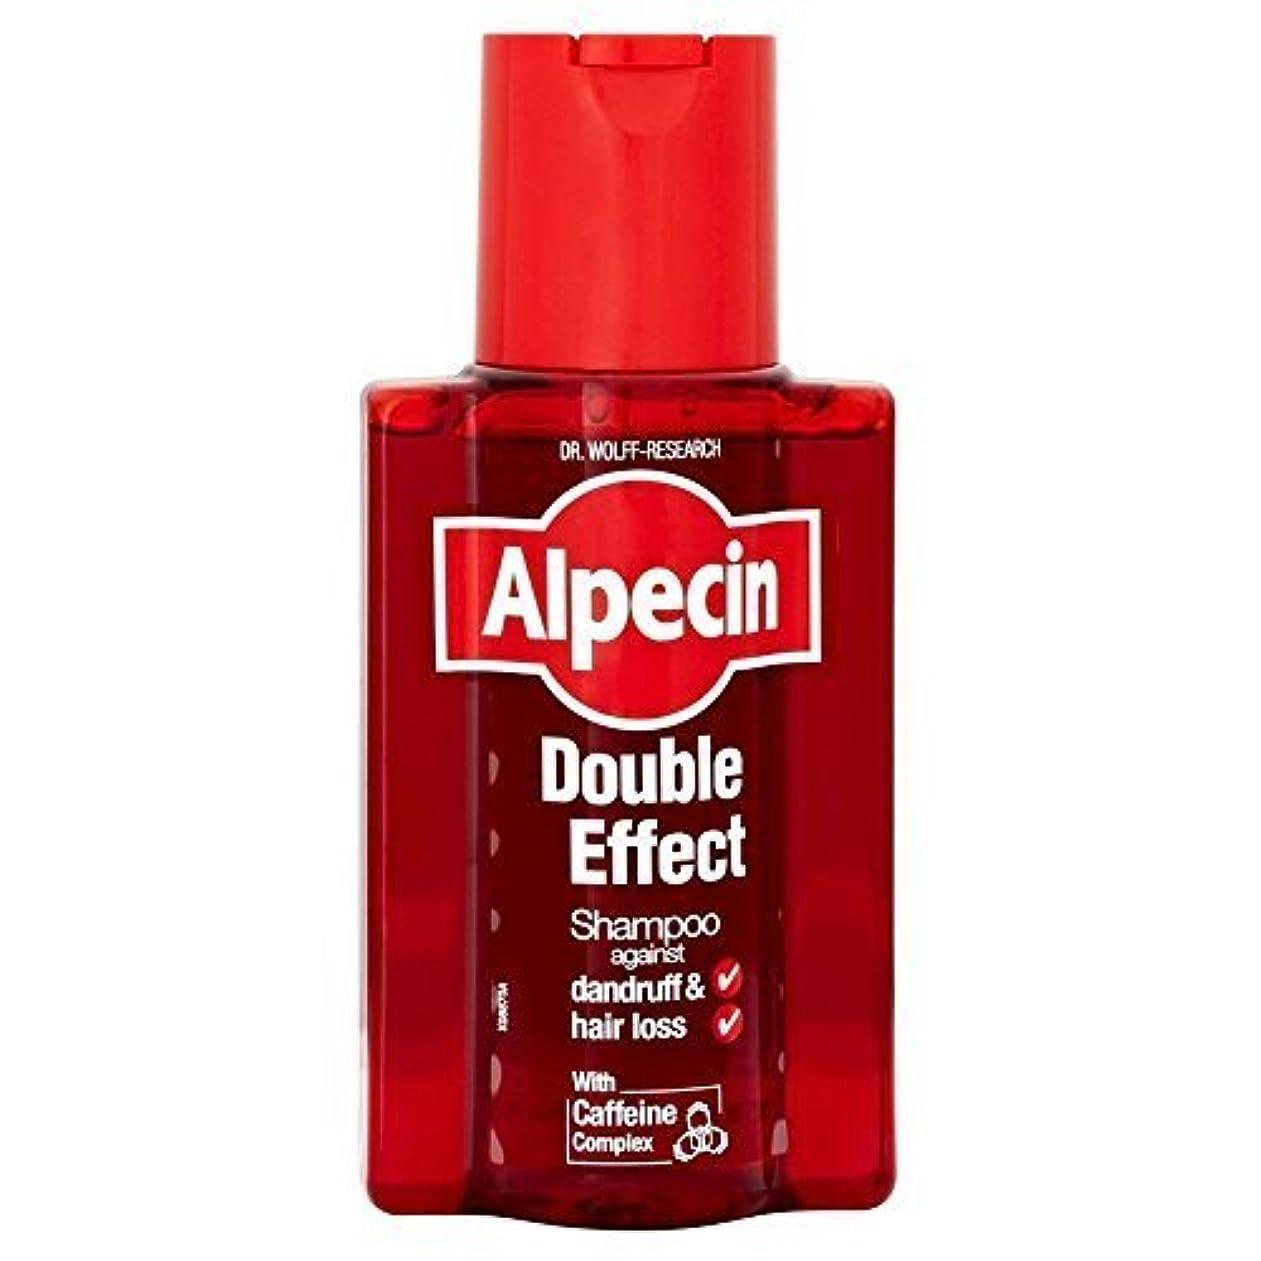 はさみ奇跡的な反毒Alpecin Double Effect Shampoo (200ml) by Grocery [並行輸入品]